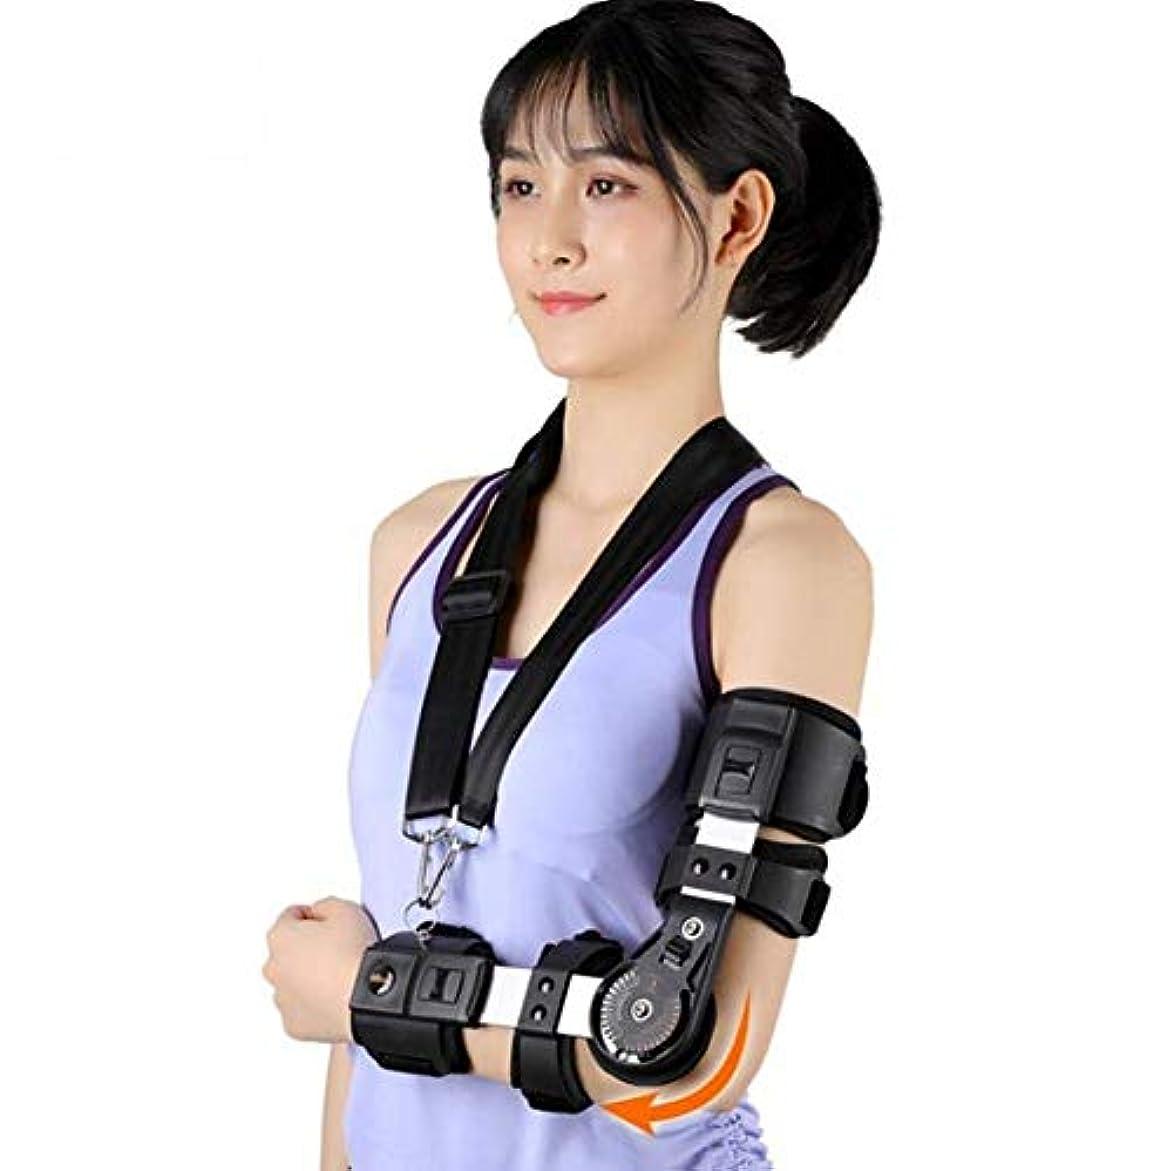 現代ぴかぴか取り壊すヒンジ付きエルボーブレース、スリング付き、調整可能なエルボースプリントブレースアームイモビライザー、術後腕損傷回復用エルボスリングショルダーイモビライザー,Left